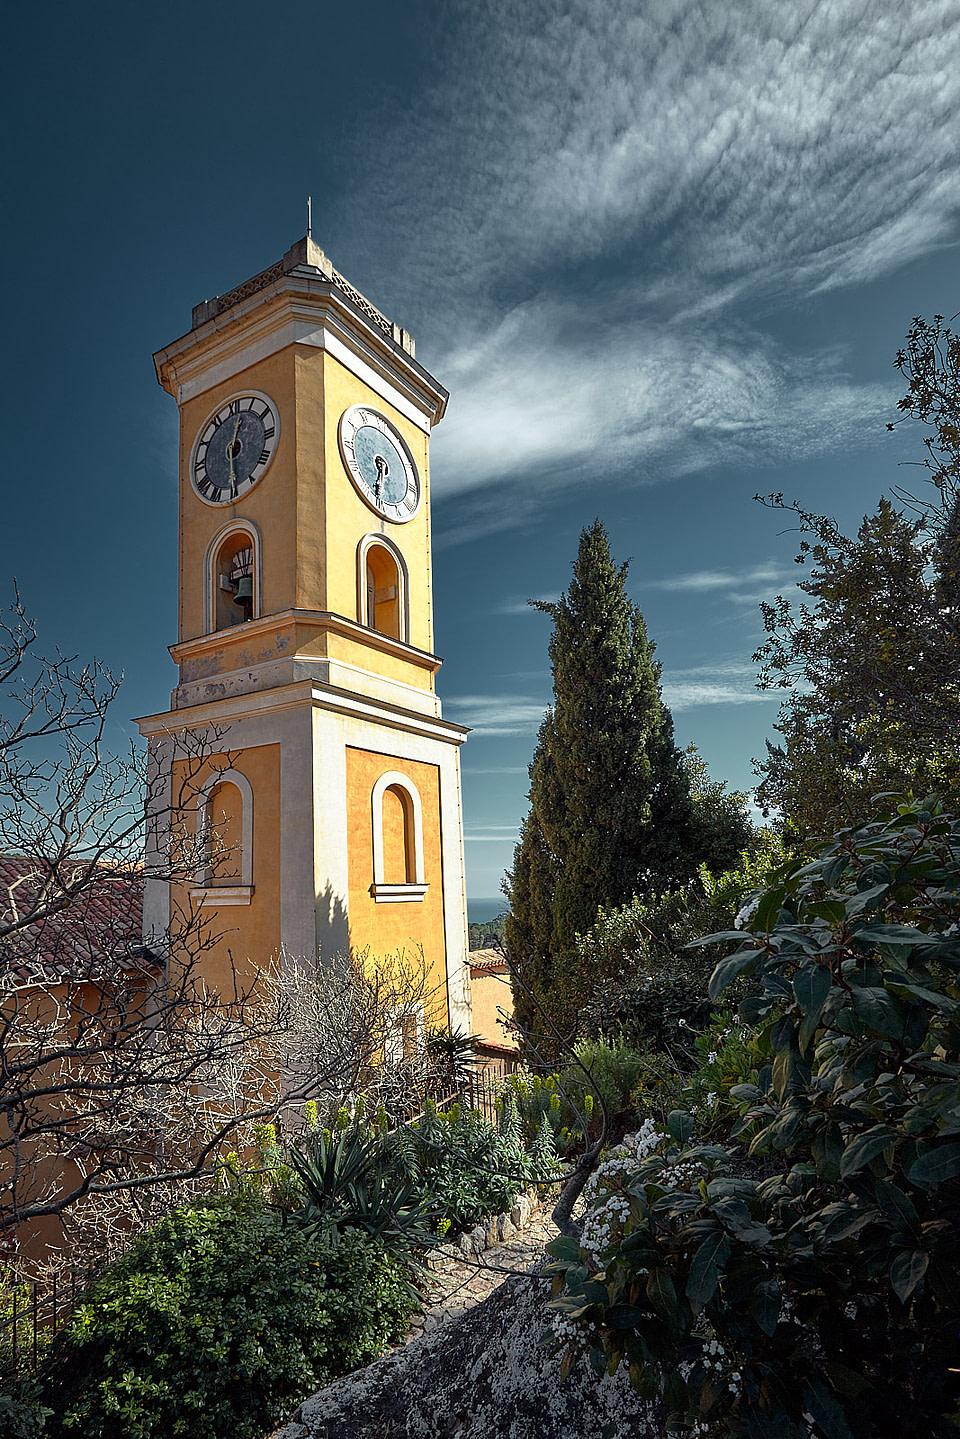 Clocher de l' église Notre-Dame de l'Assomption à Èze Village